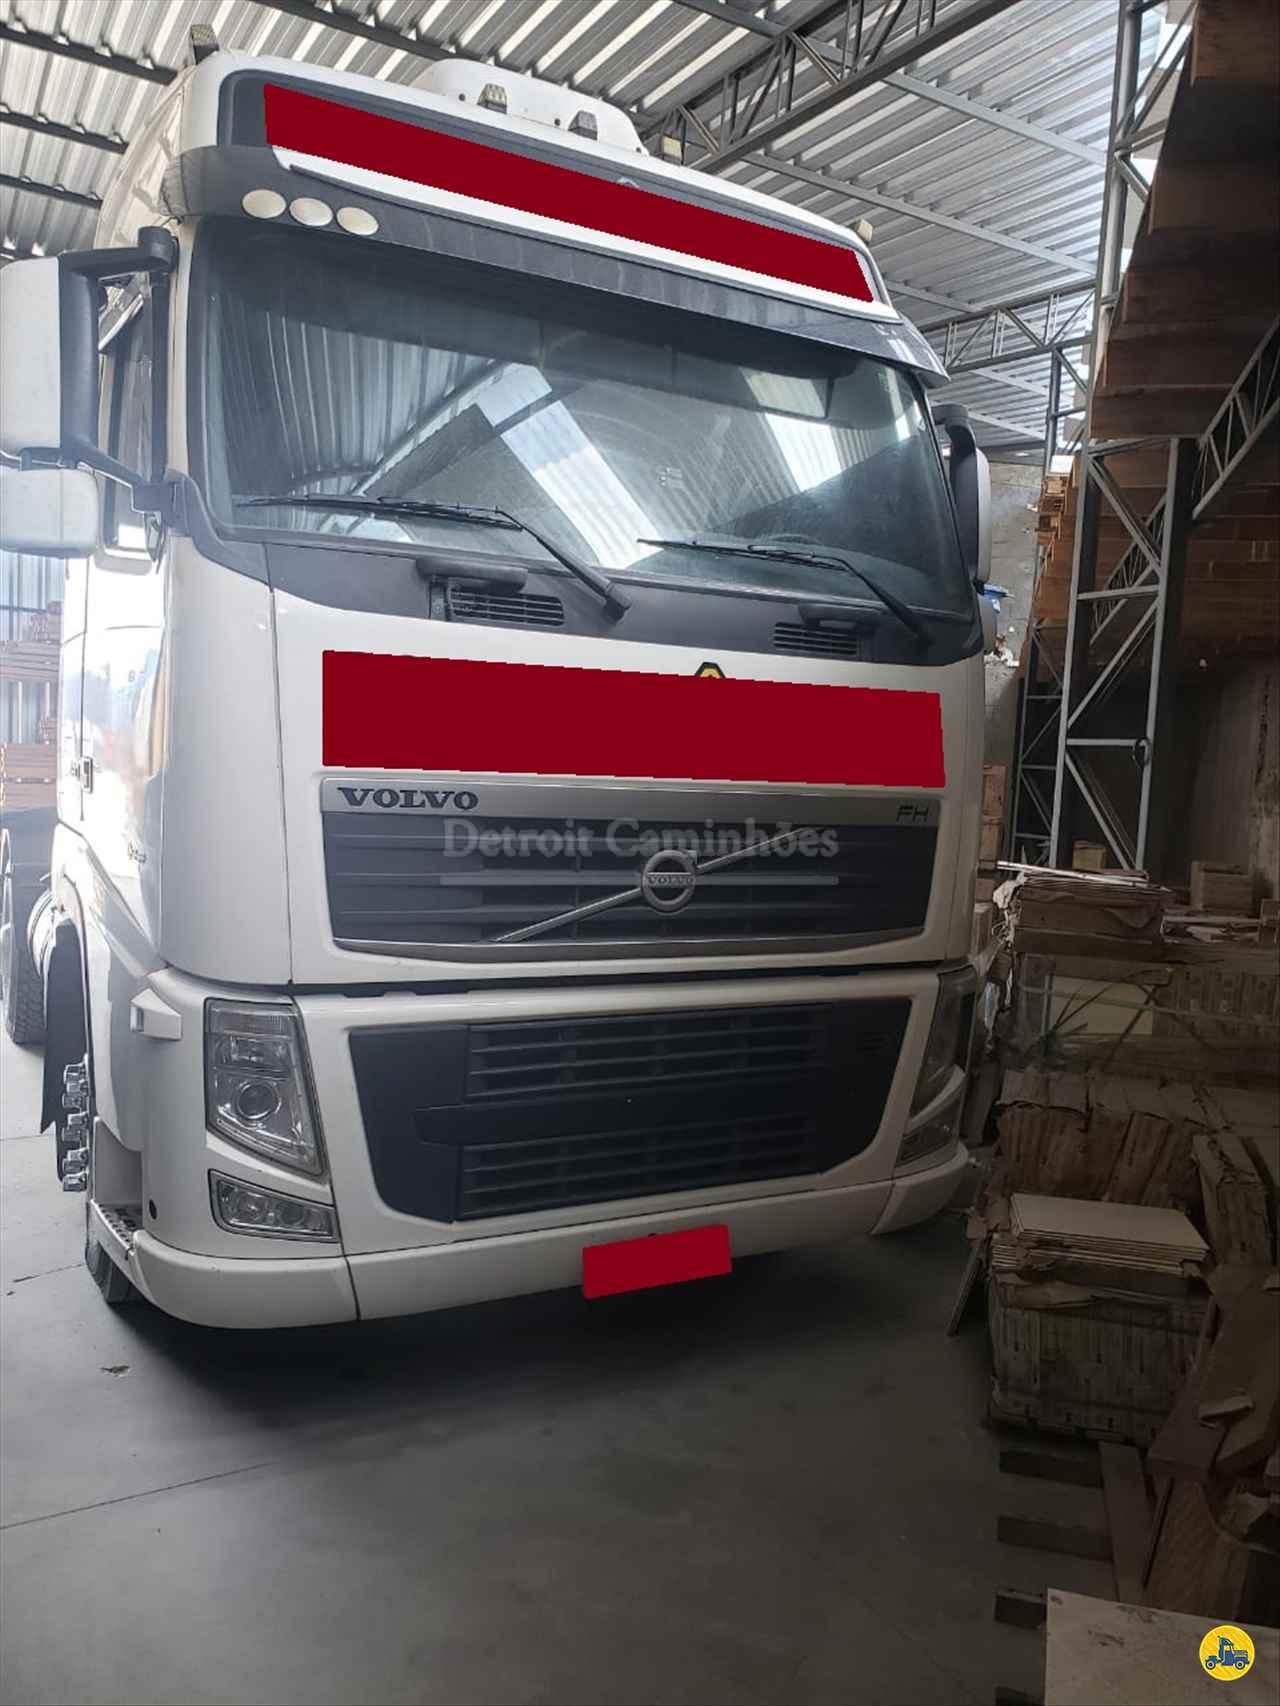 CAMINHAO VOLVO VOLVO FH 460 Cavalo Mecânico Truck 6x2 Detroit Caminhões SAO JOSE DOS CAMPOS SÃO PAULO SP